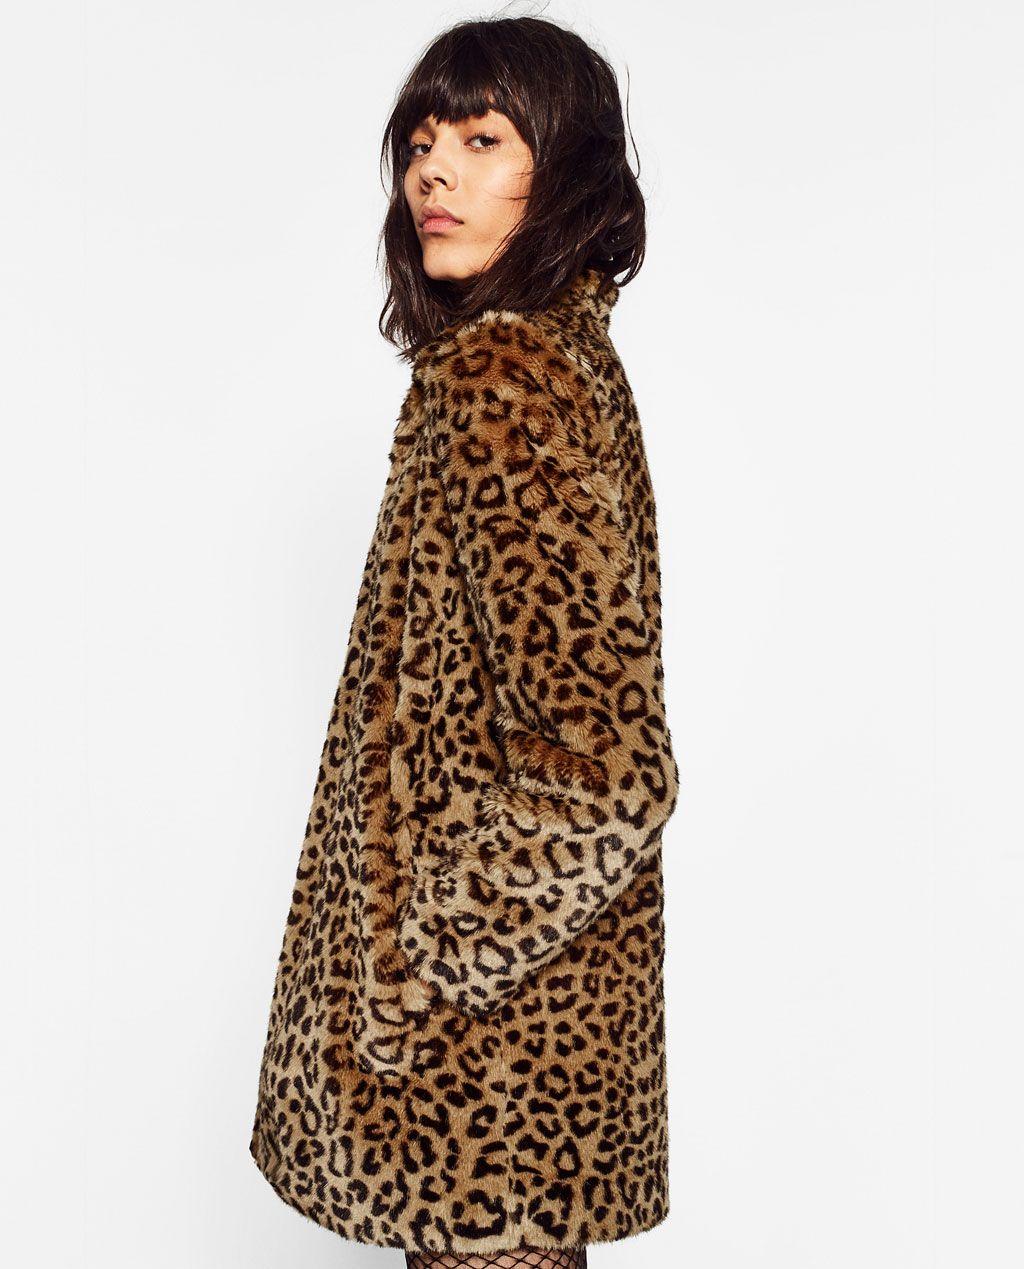 en venta 58310 20f38 ABRIGO PELO LEOPARDO | Animal Instinct | White faux fur coat ...